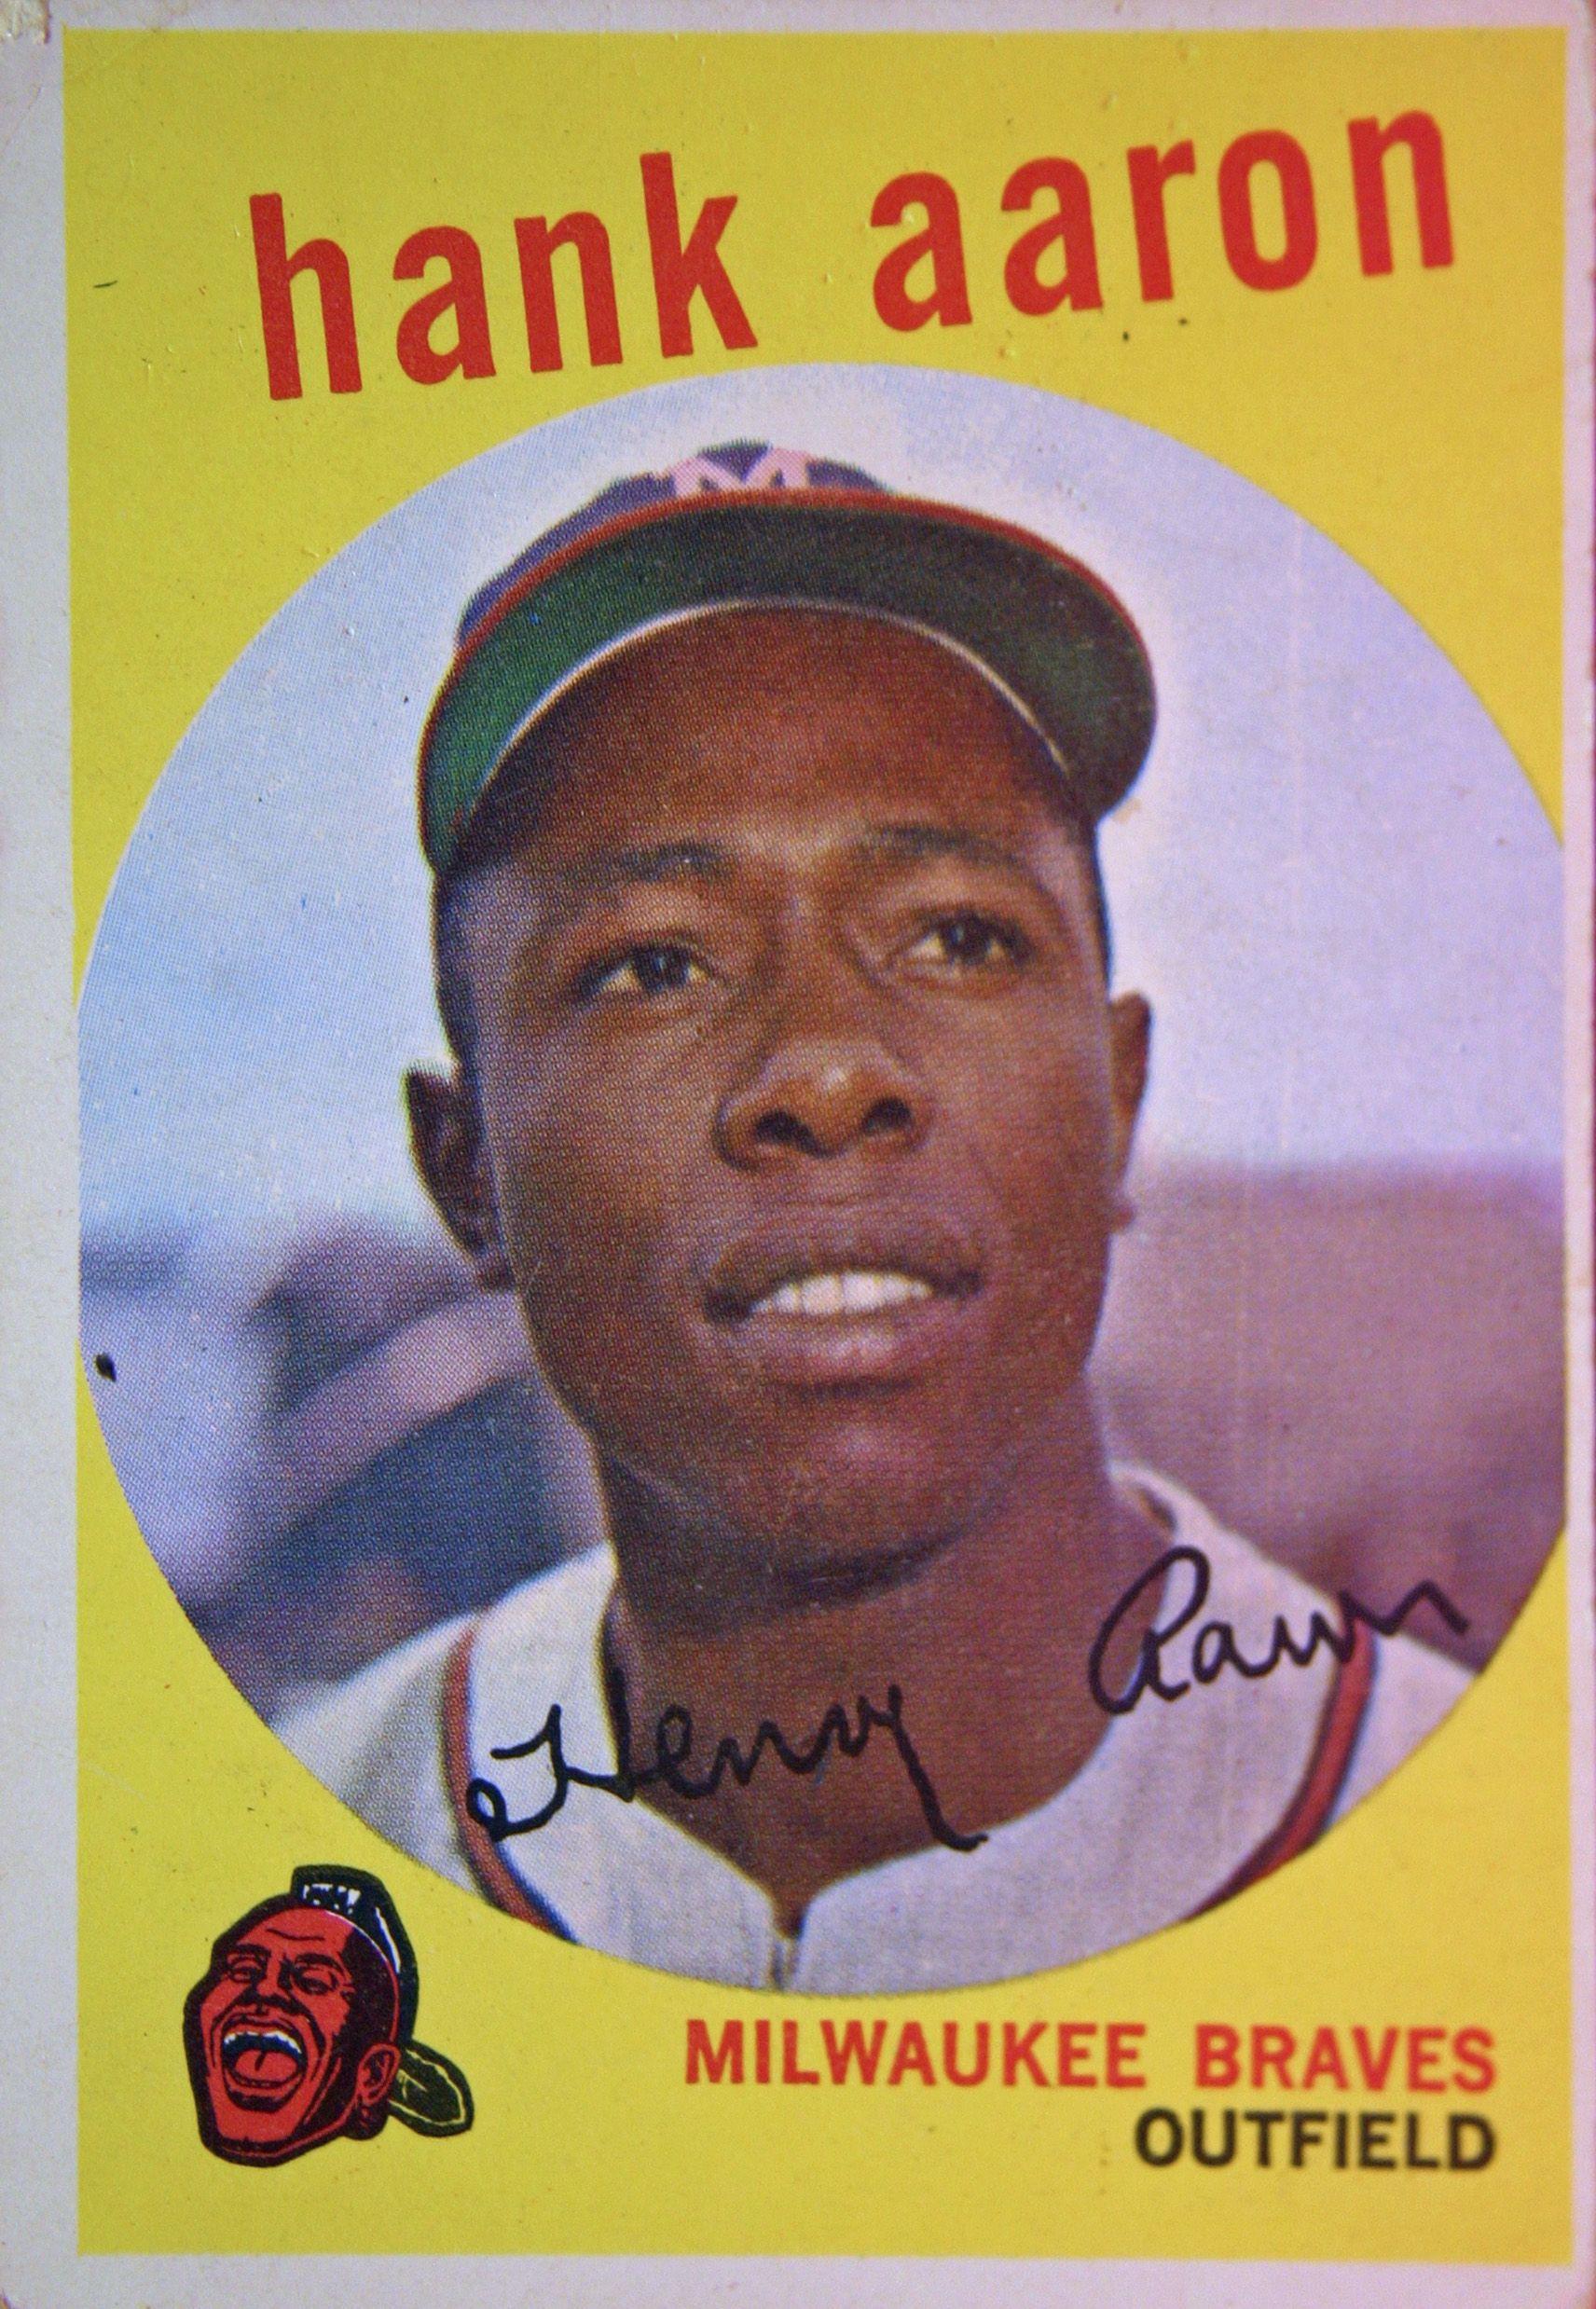 1959 hank aaron baseball cards hank aaron